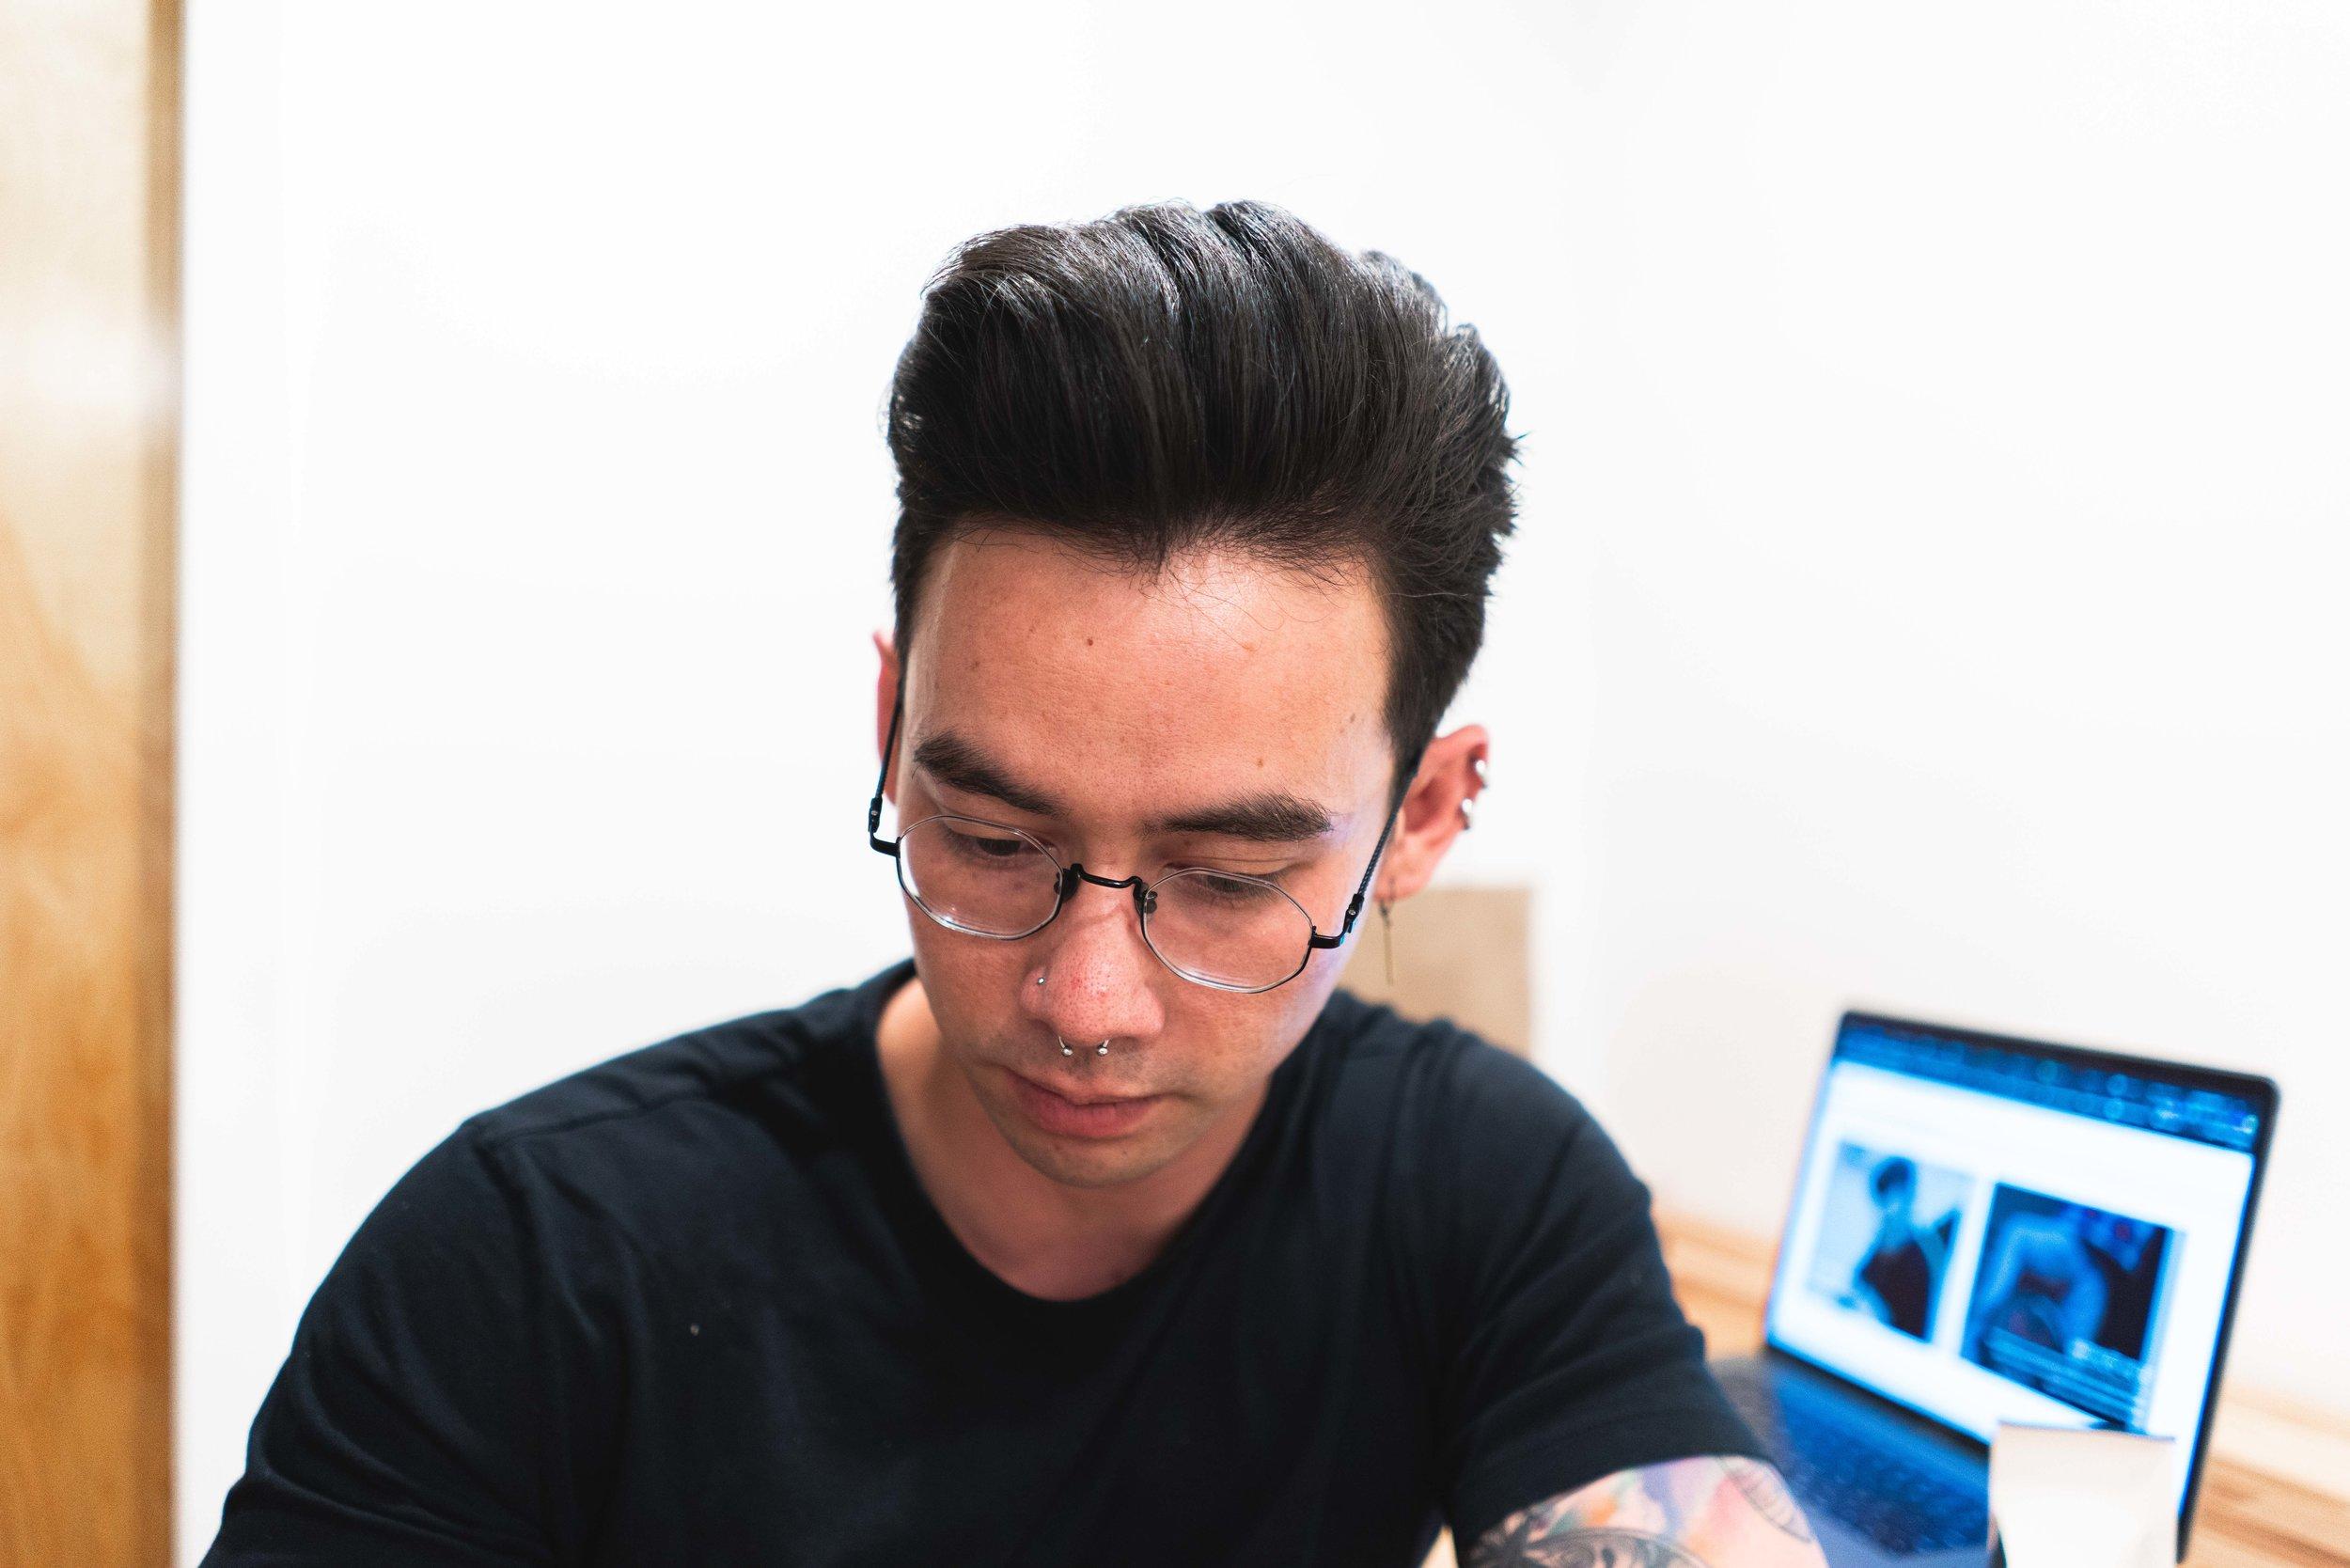 2019_The Pomp_Hair Craft Co_BOD-3.jpg